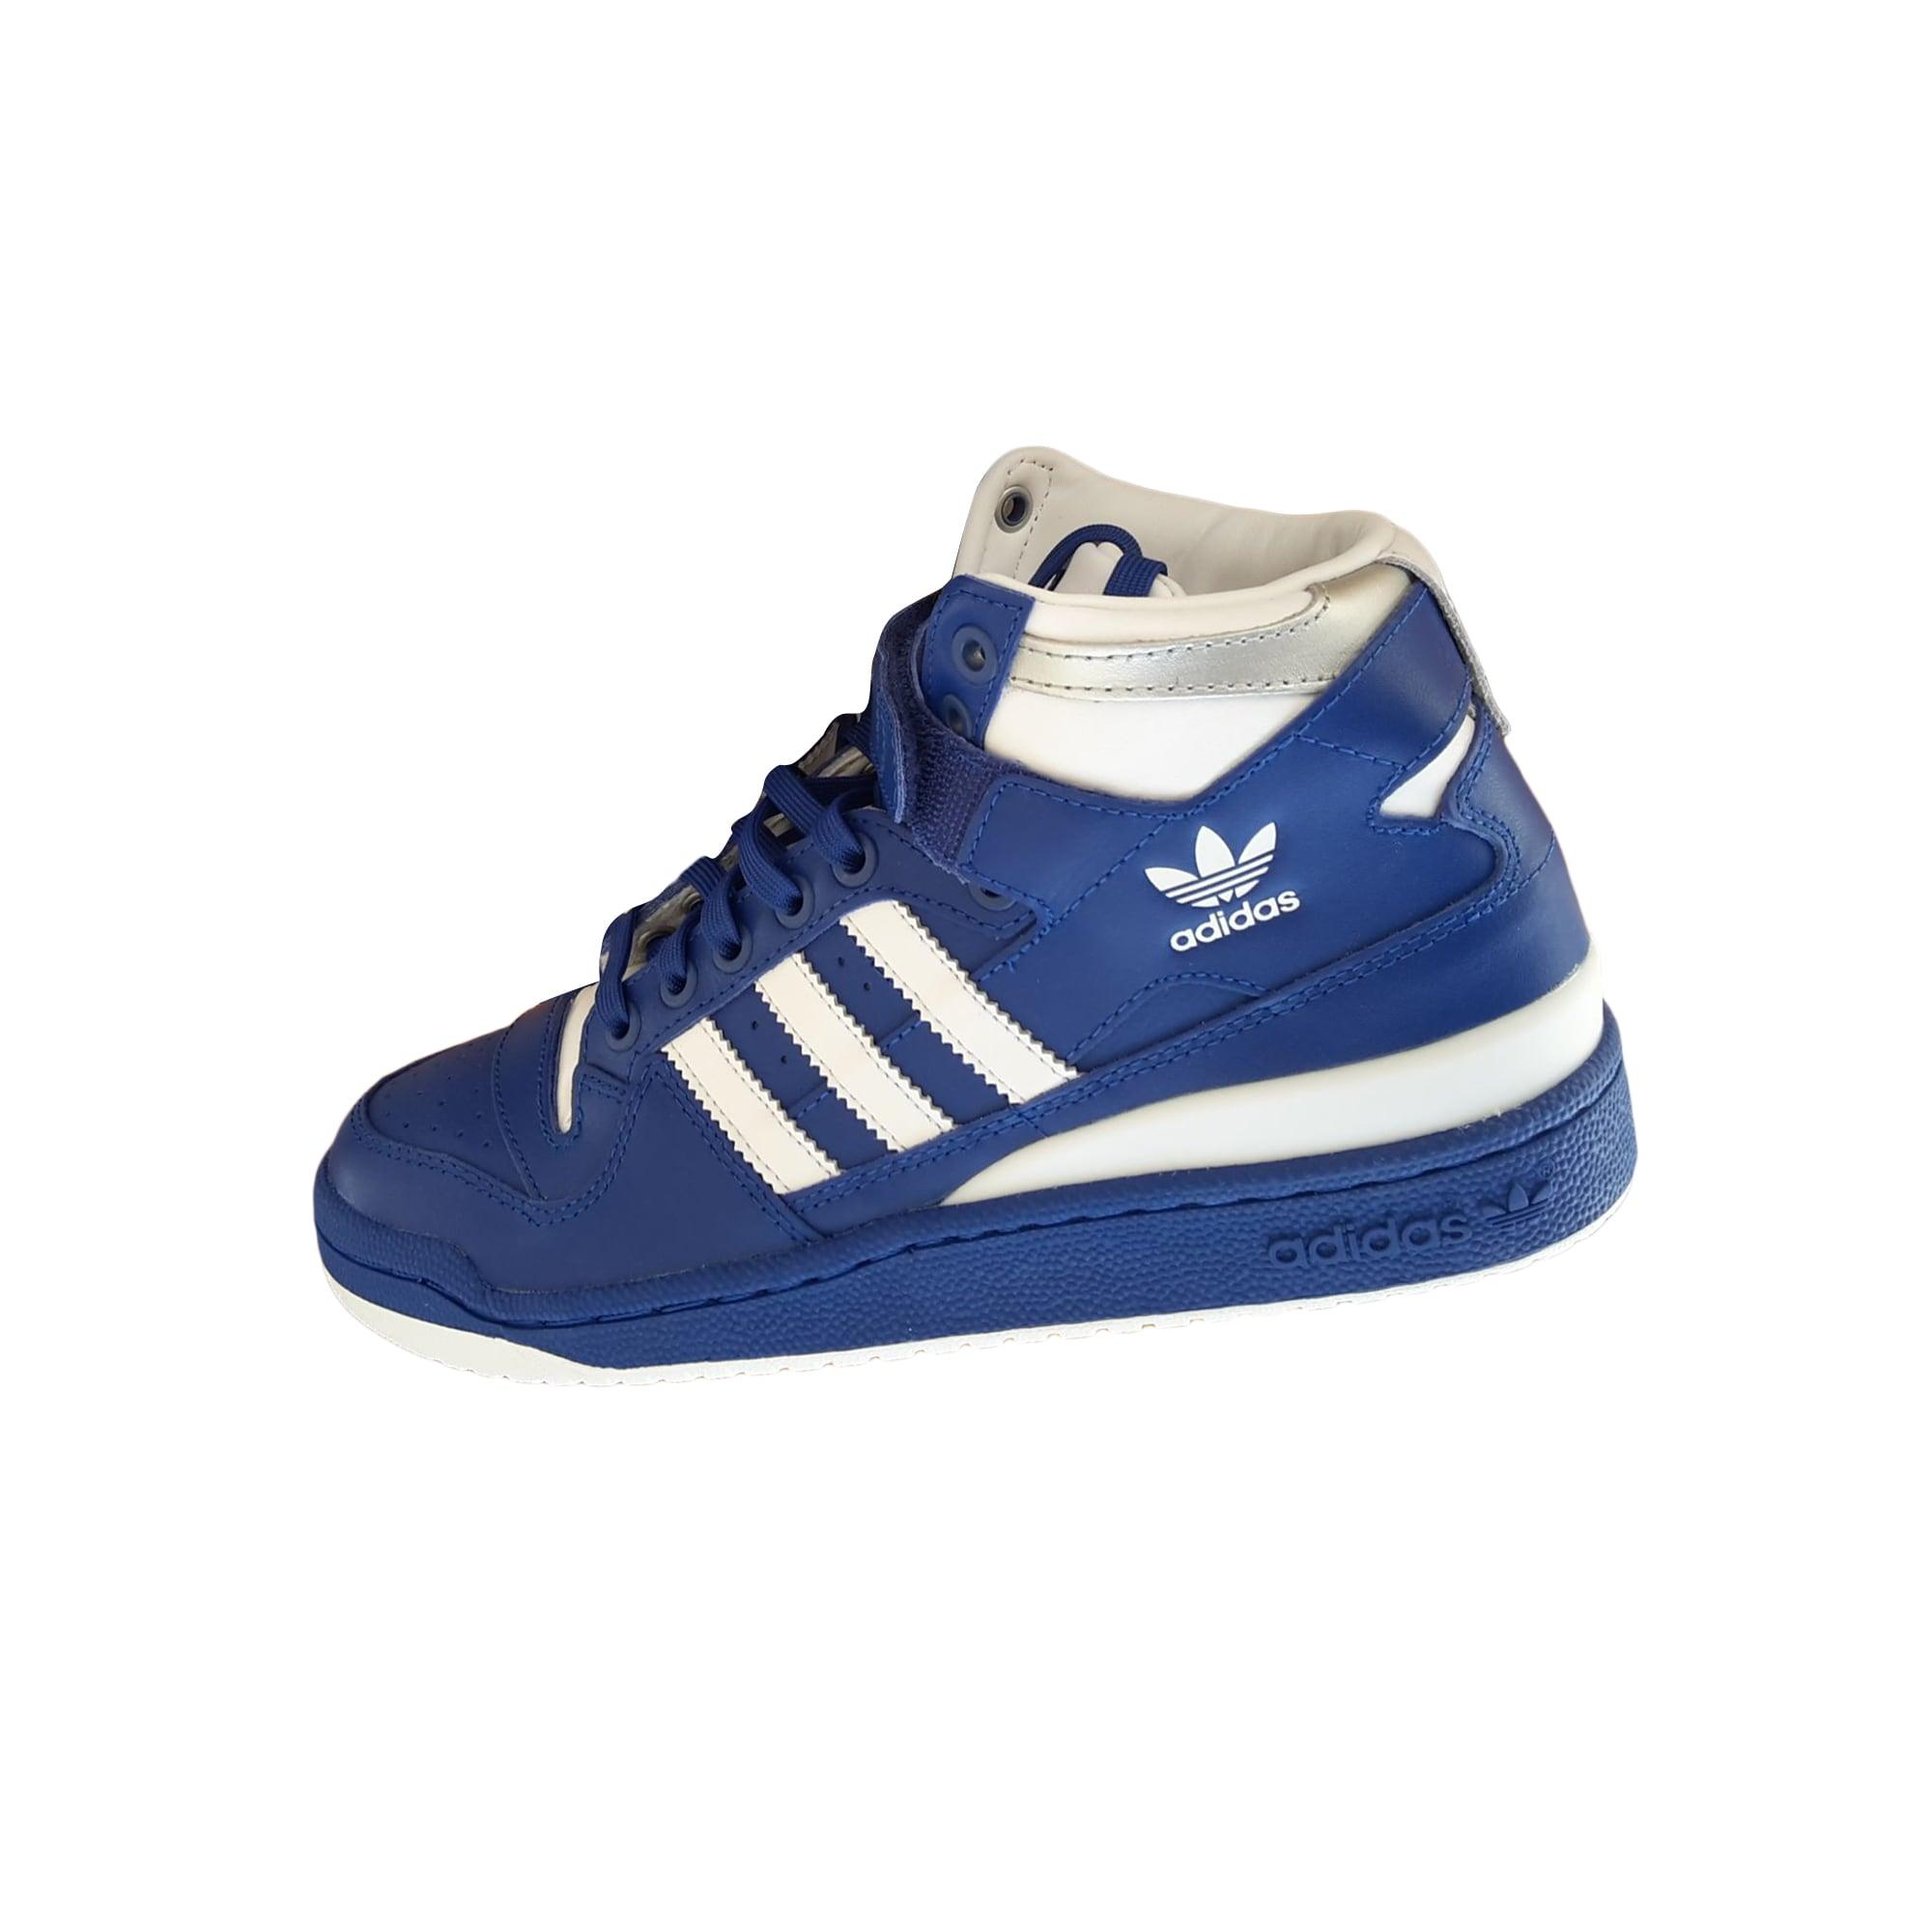 Sneakers ADIDAS Blau, marineblau, türkisblau